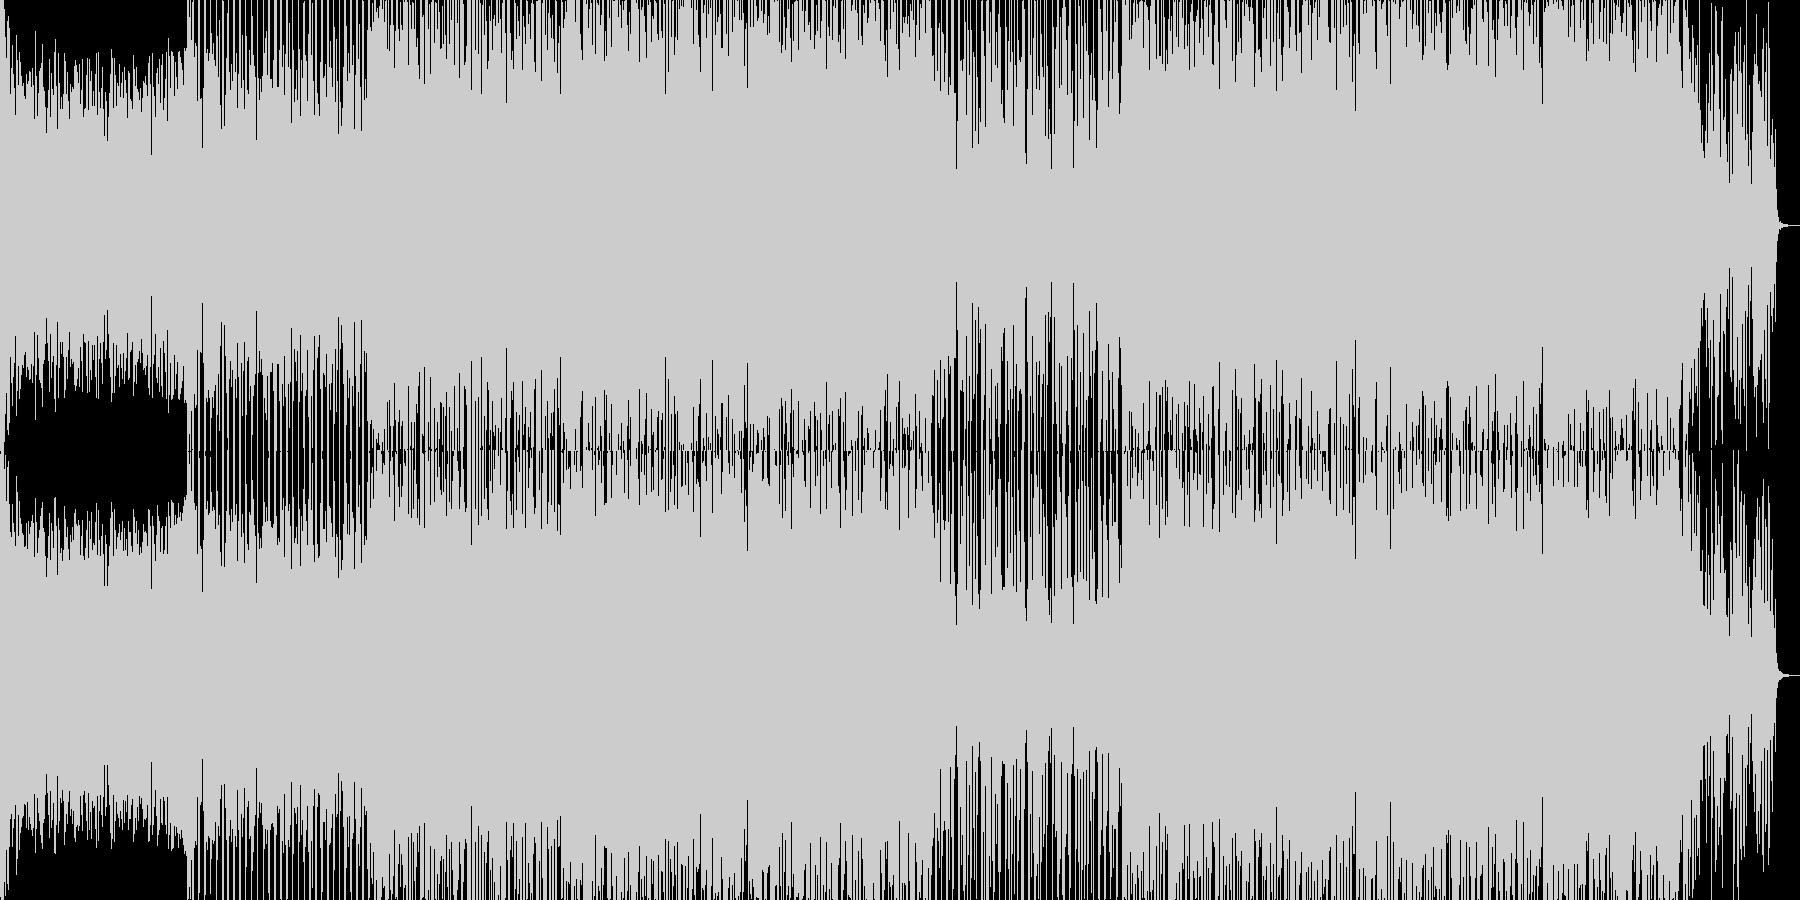 アフロパーカッションのEDM-01の未再生の波形